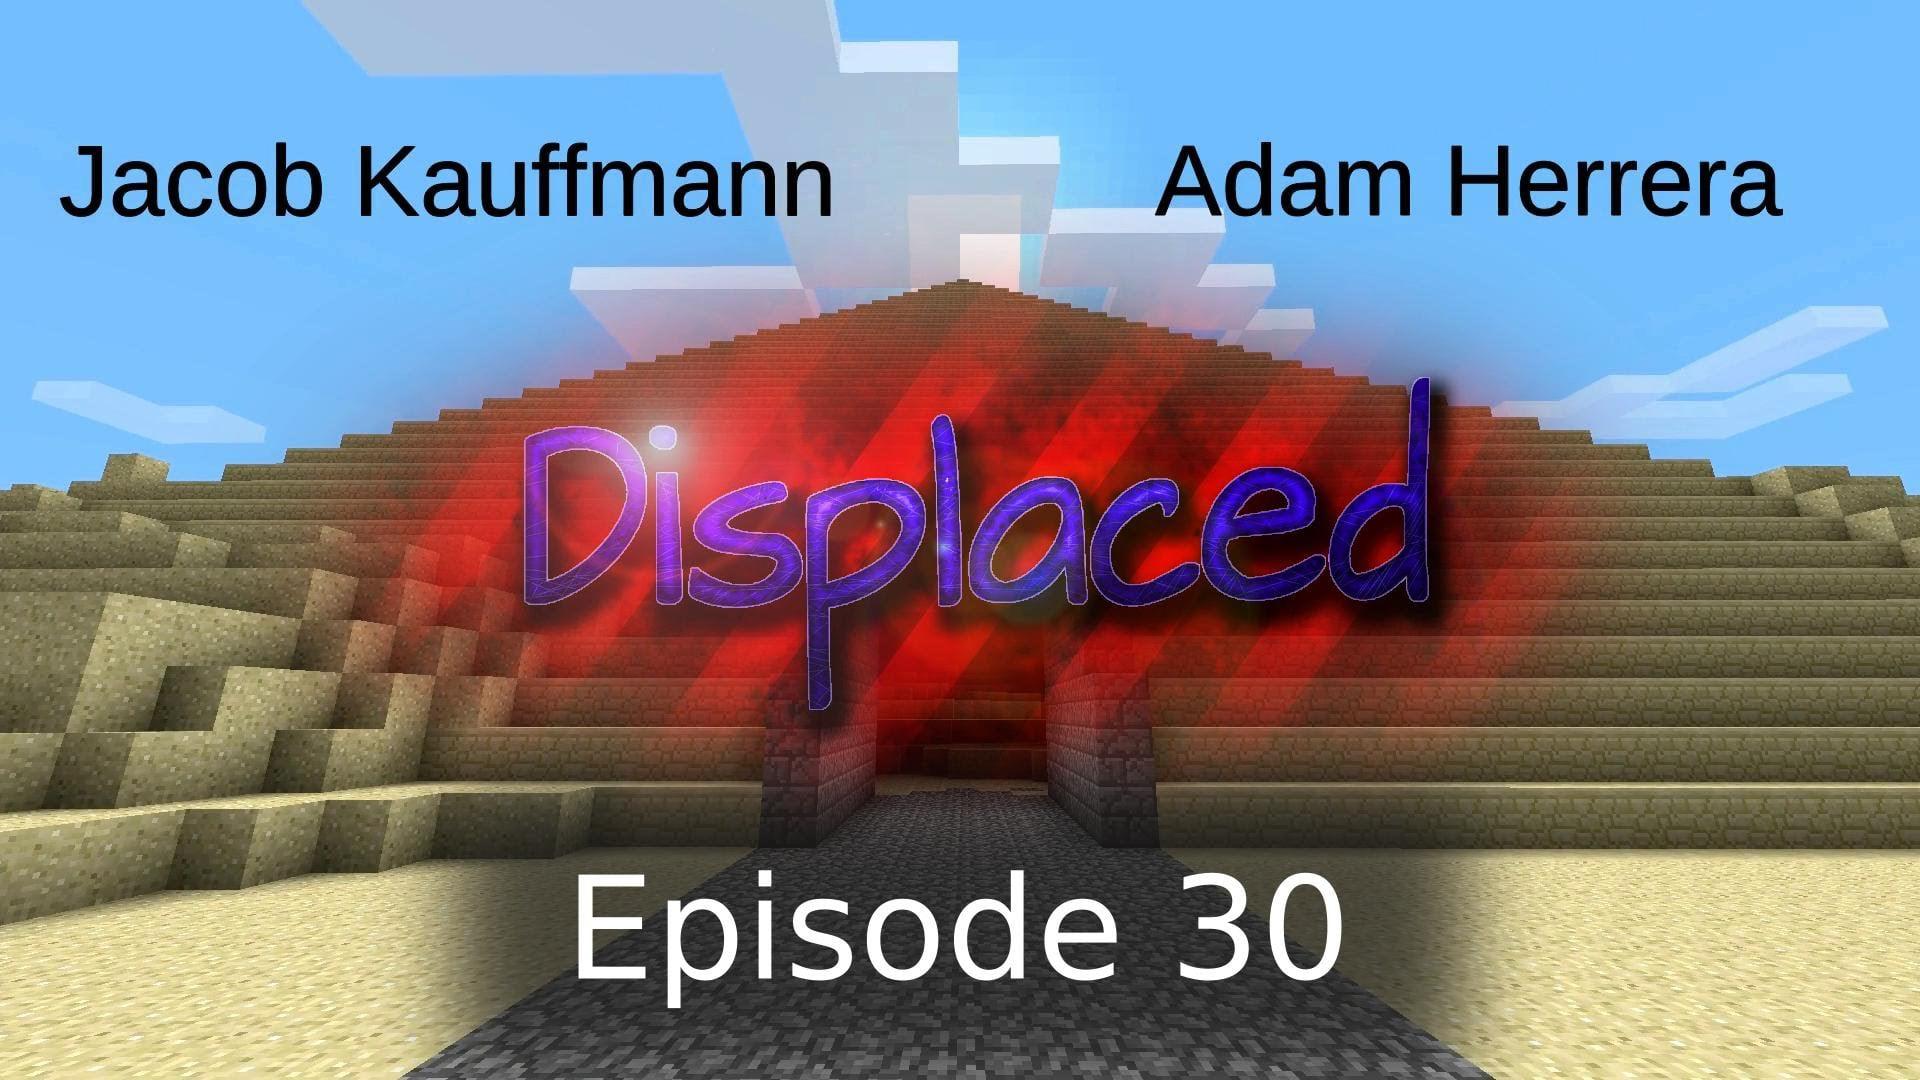 Episode 30 - Displaced